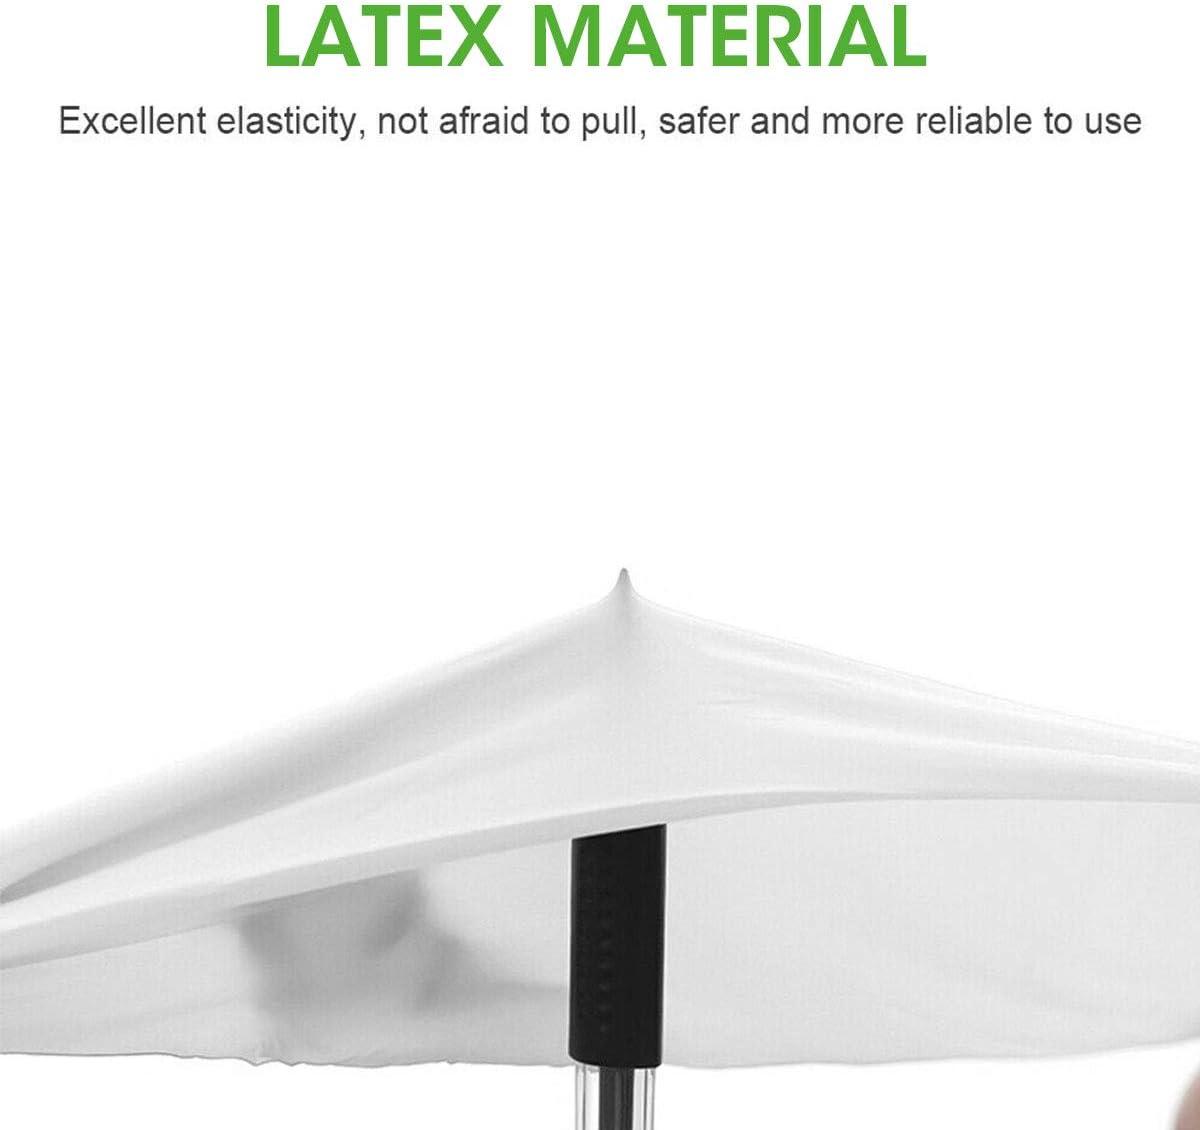 Charminer Guantes el/ásticos de l/átex Transparentes Guantes PVC Impermeables y Resistentes al Polvo Guantes desechables para Cocina Metro Oficina